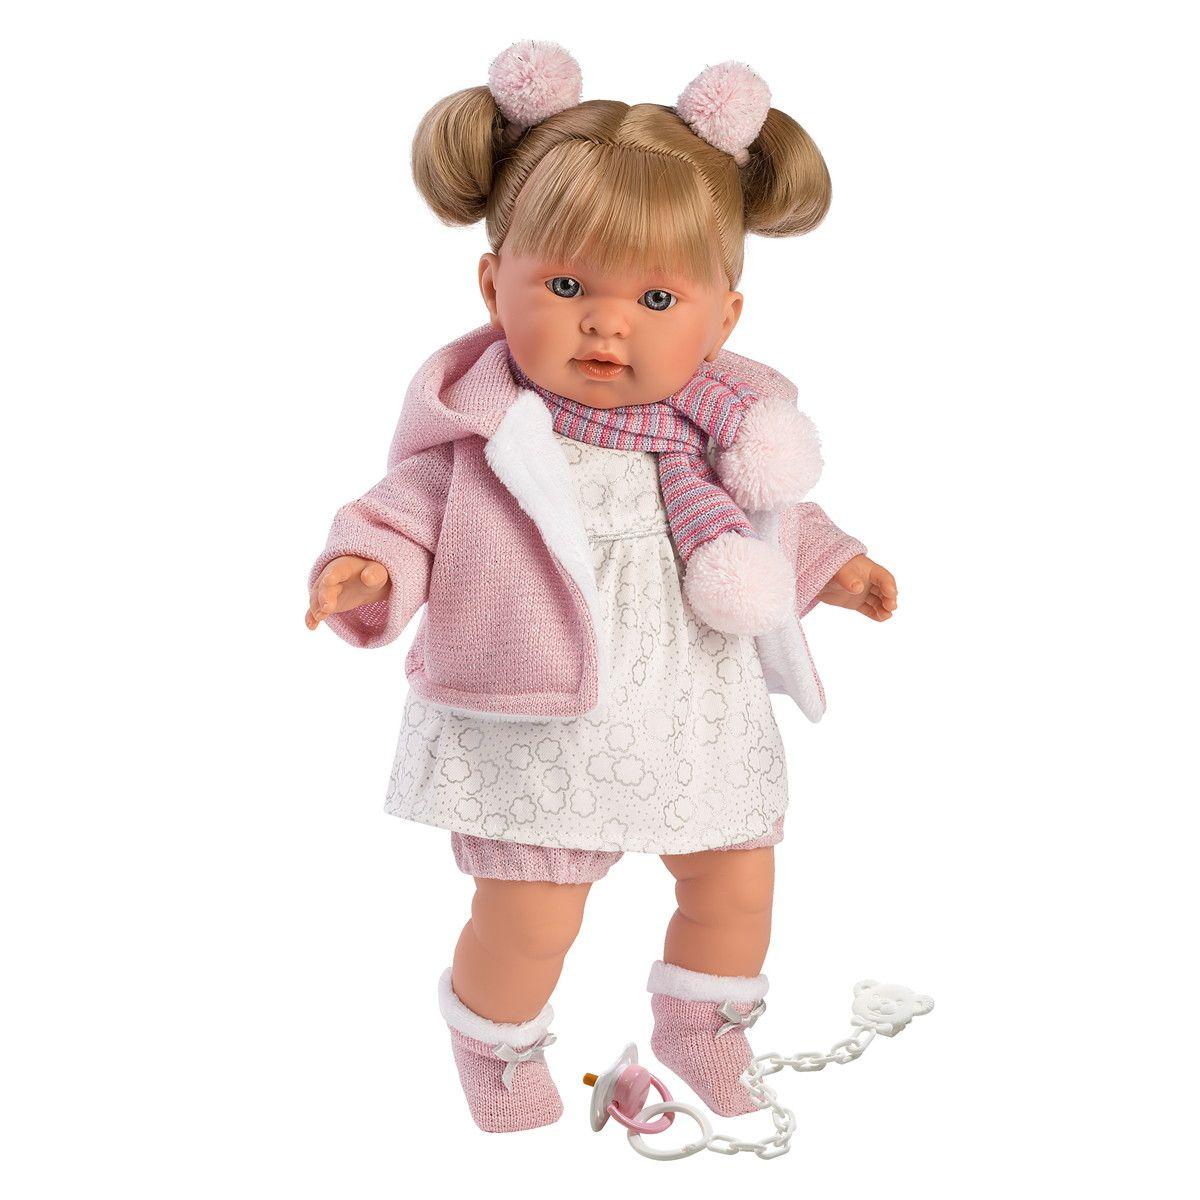 Купить Интерактивная кукла - Александра, 42 см, со звуком, Llorens Juan